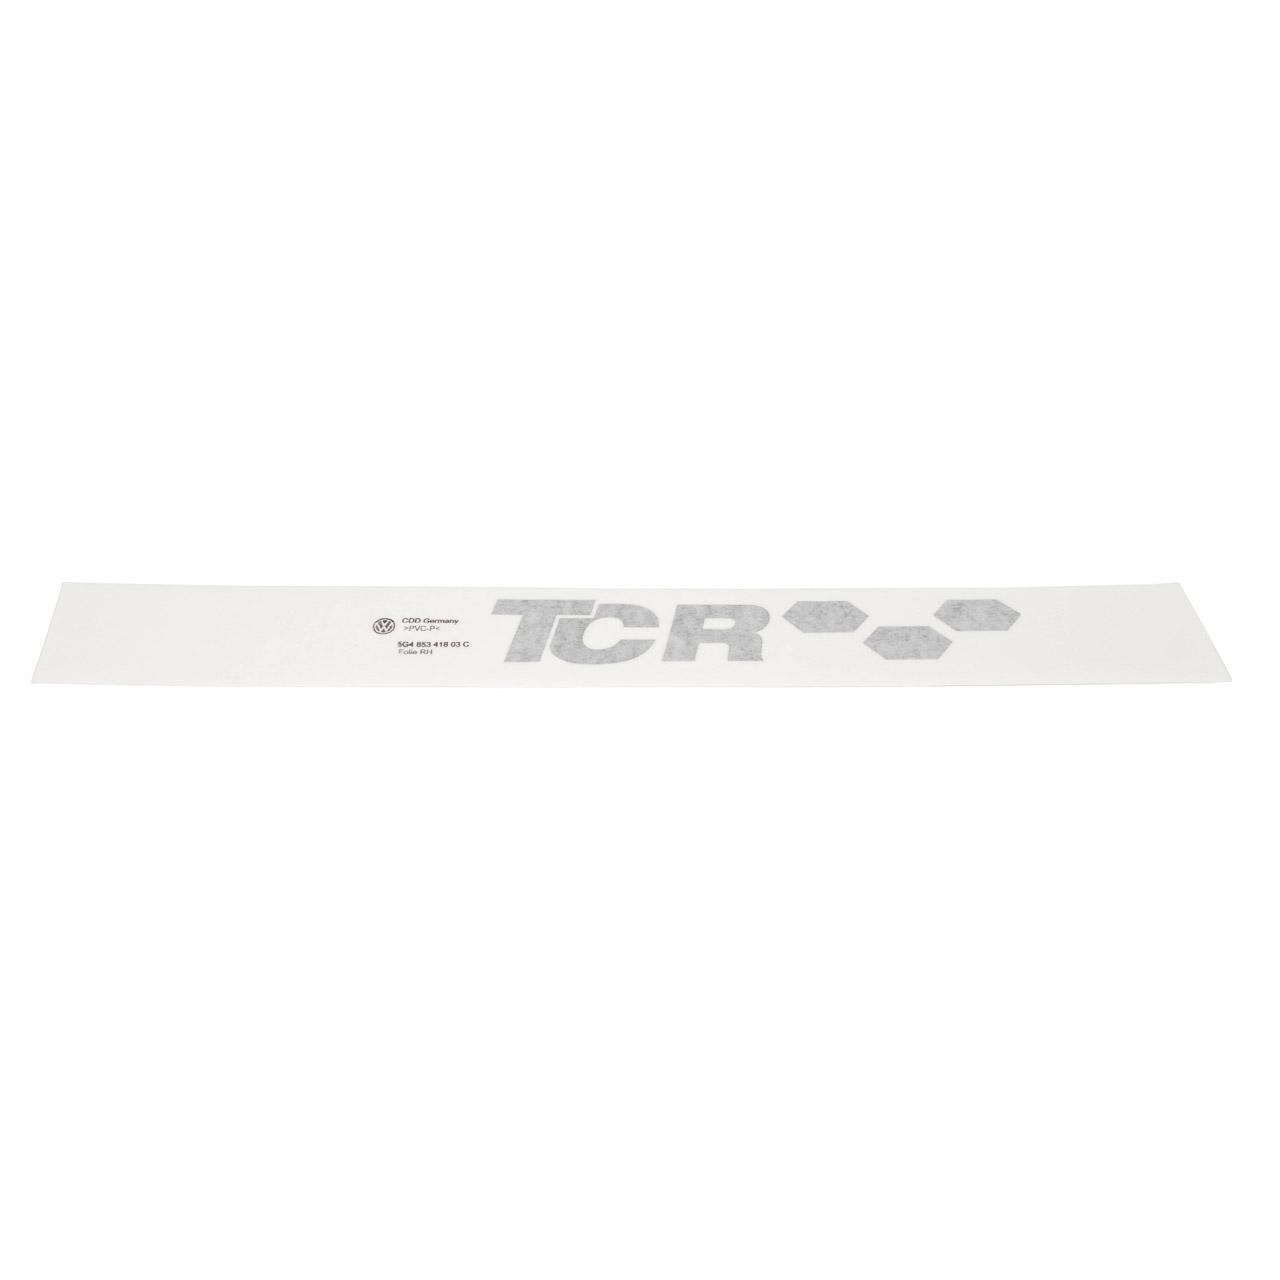 2x ORIGINAL VW Emblem Schriftzug TCR Aufkleber Golf 7 hinten 5G4853417 03C + 5G4853418 03C